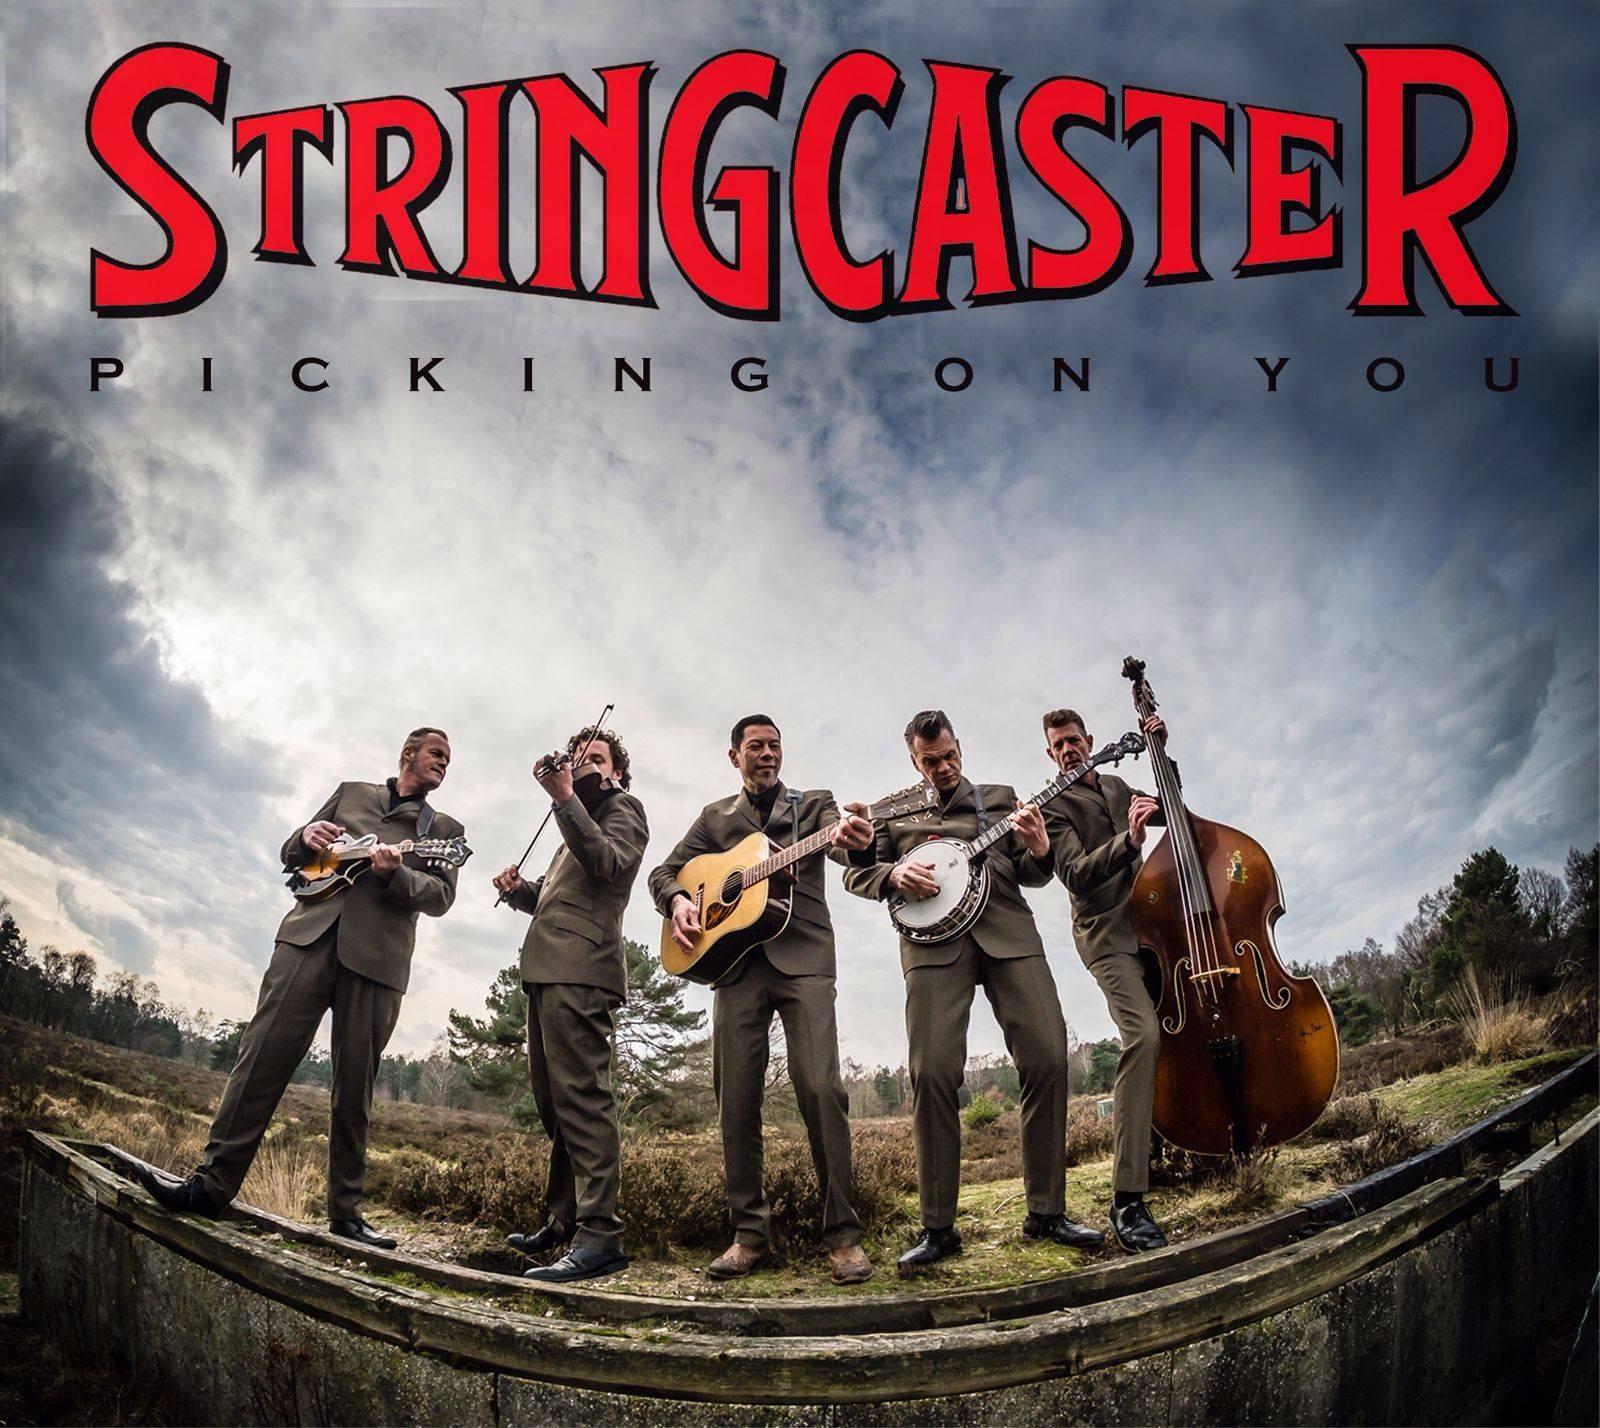 Stringcaster.jpg